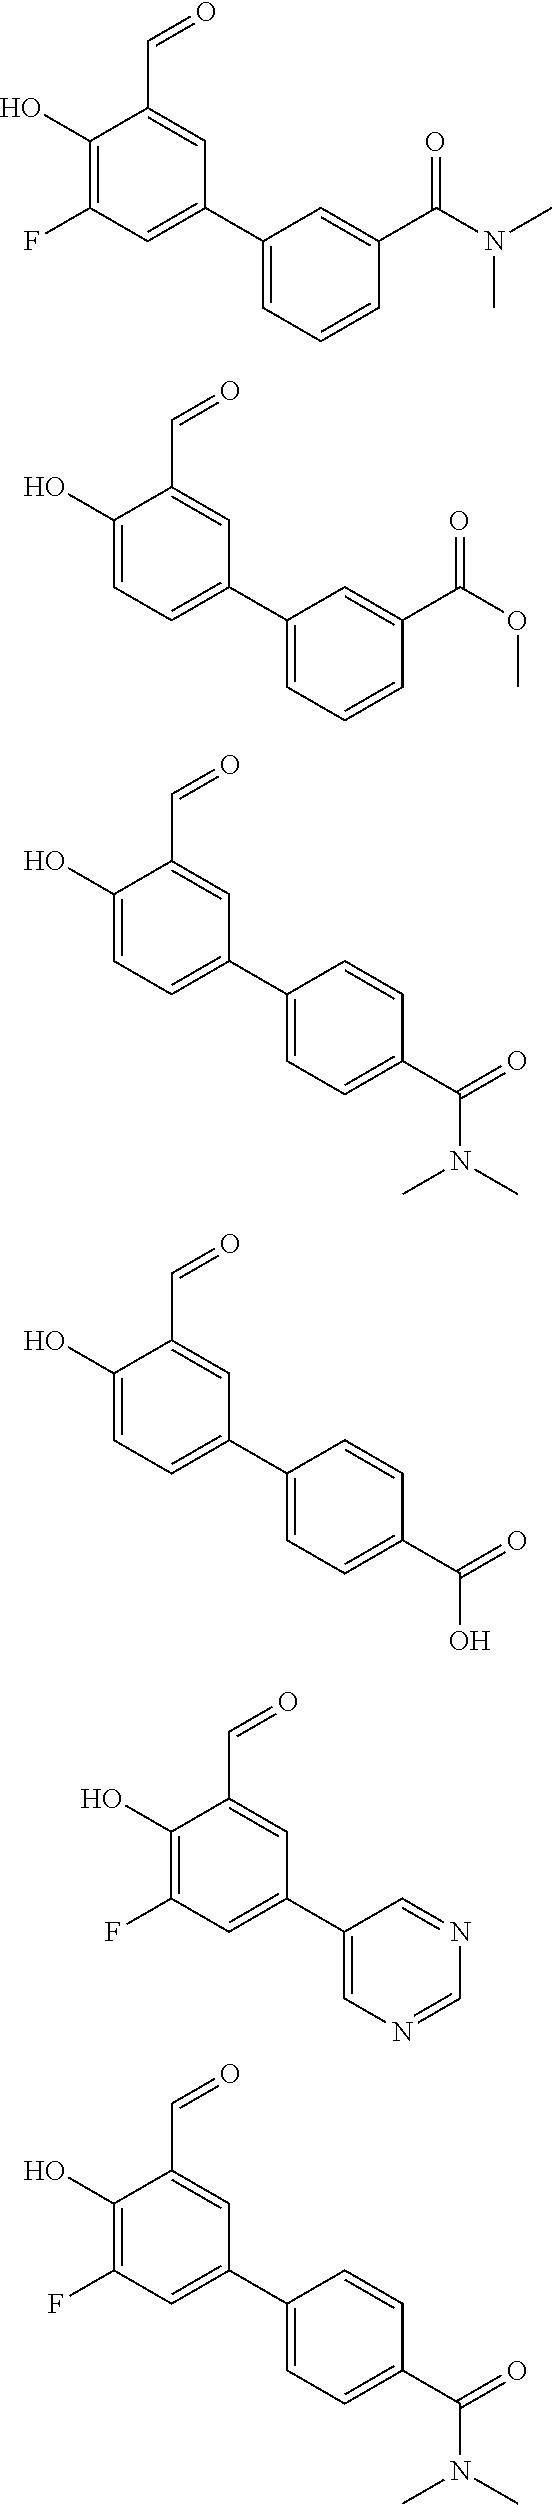 Figure US20110065162A1-20110317-C00115